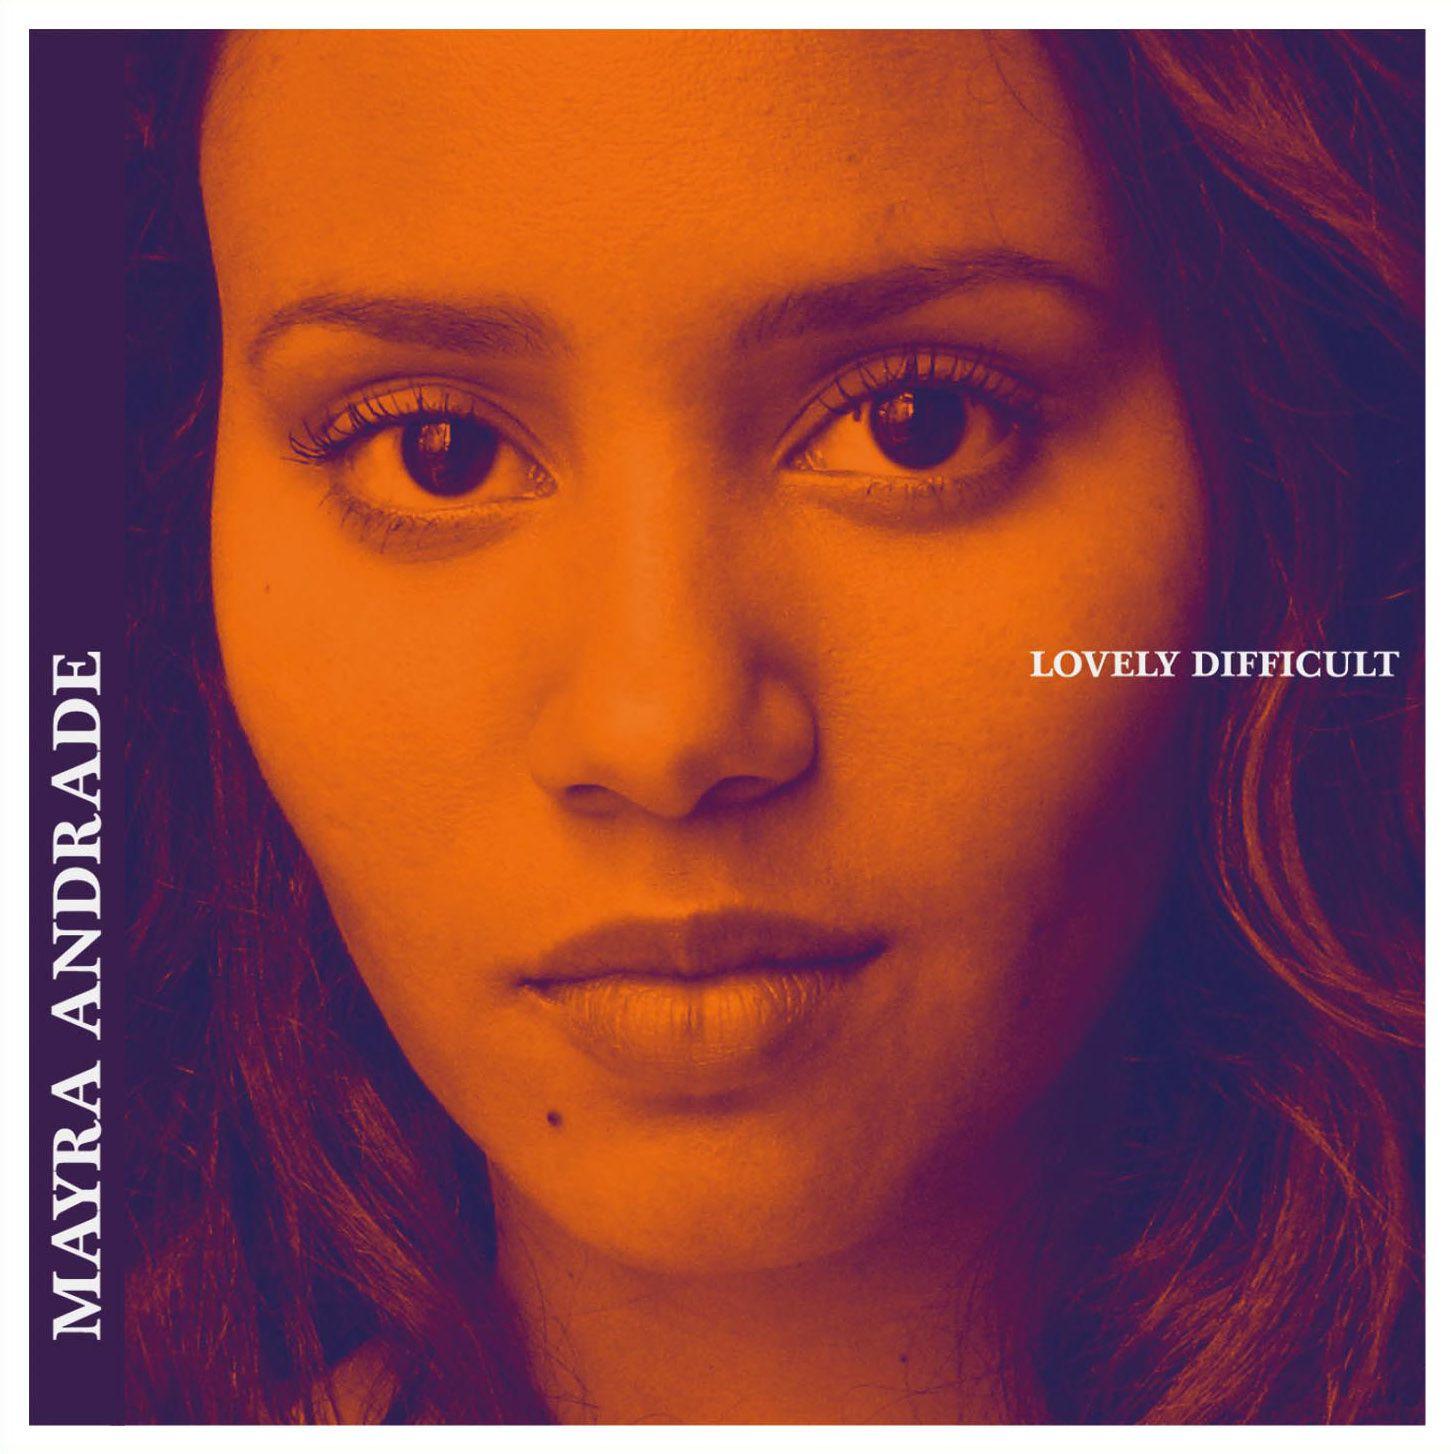 """Pochette de l'album """"Lovely Difficult"""" de Mayra Andrade."""